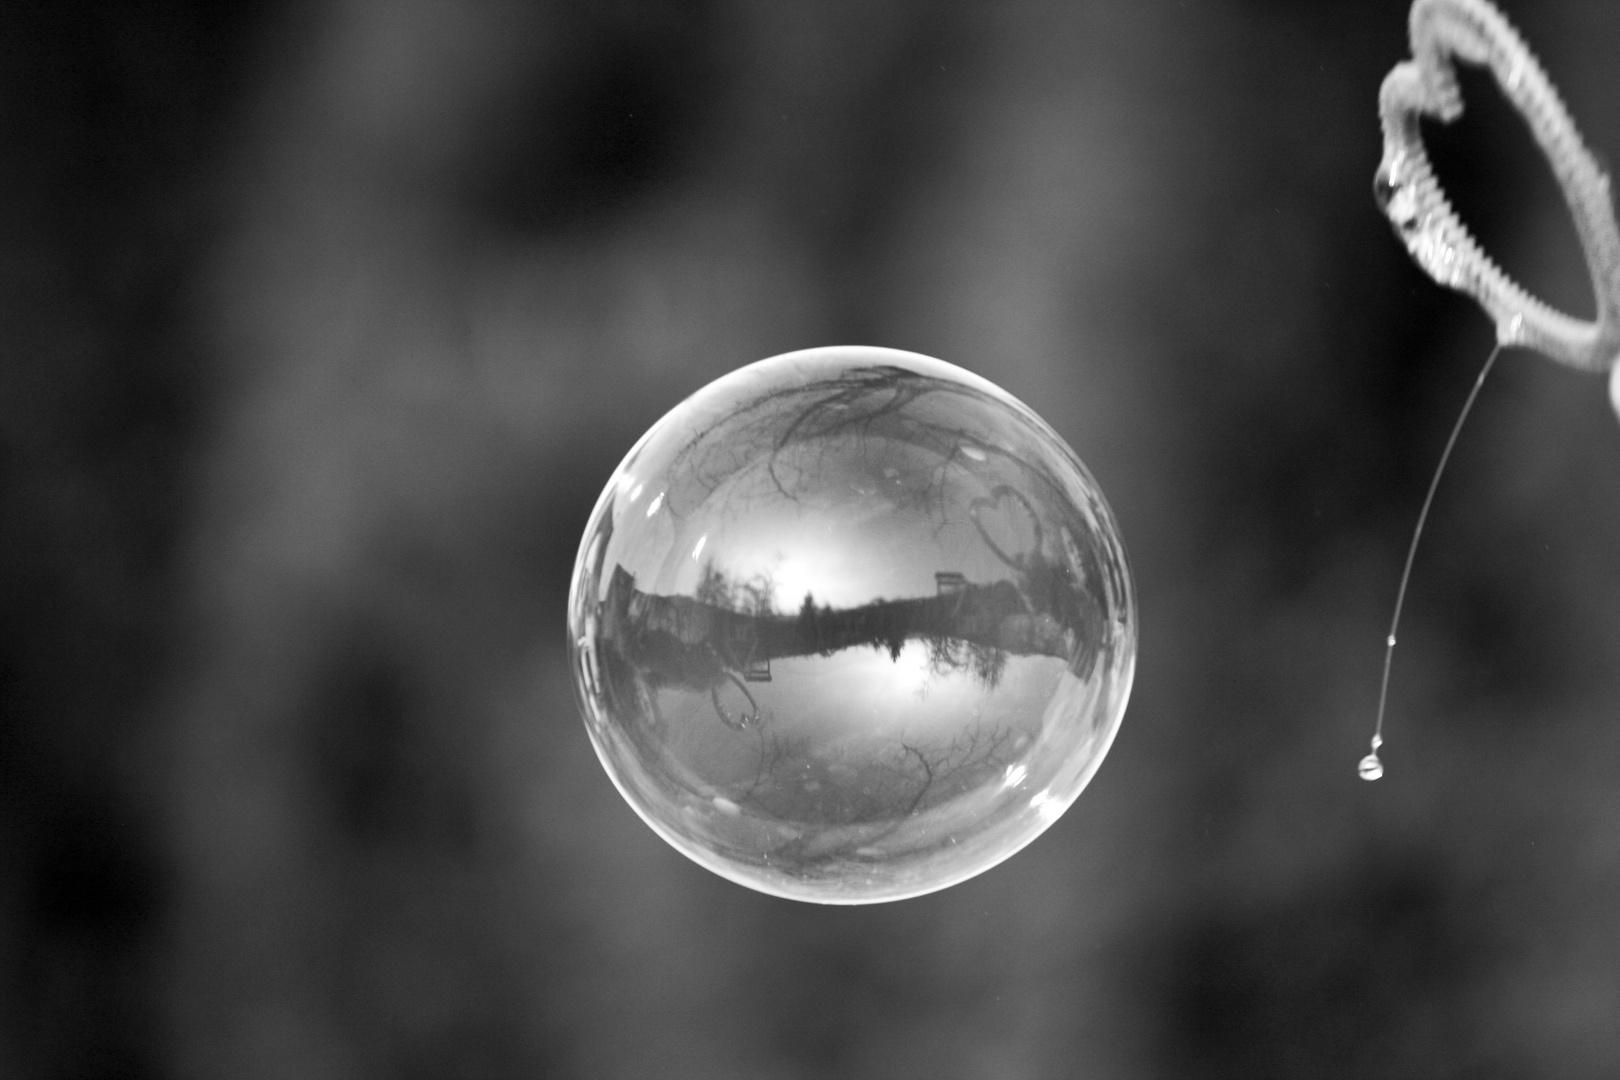 Die Welt in einer  Seifenblase weggepustet....